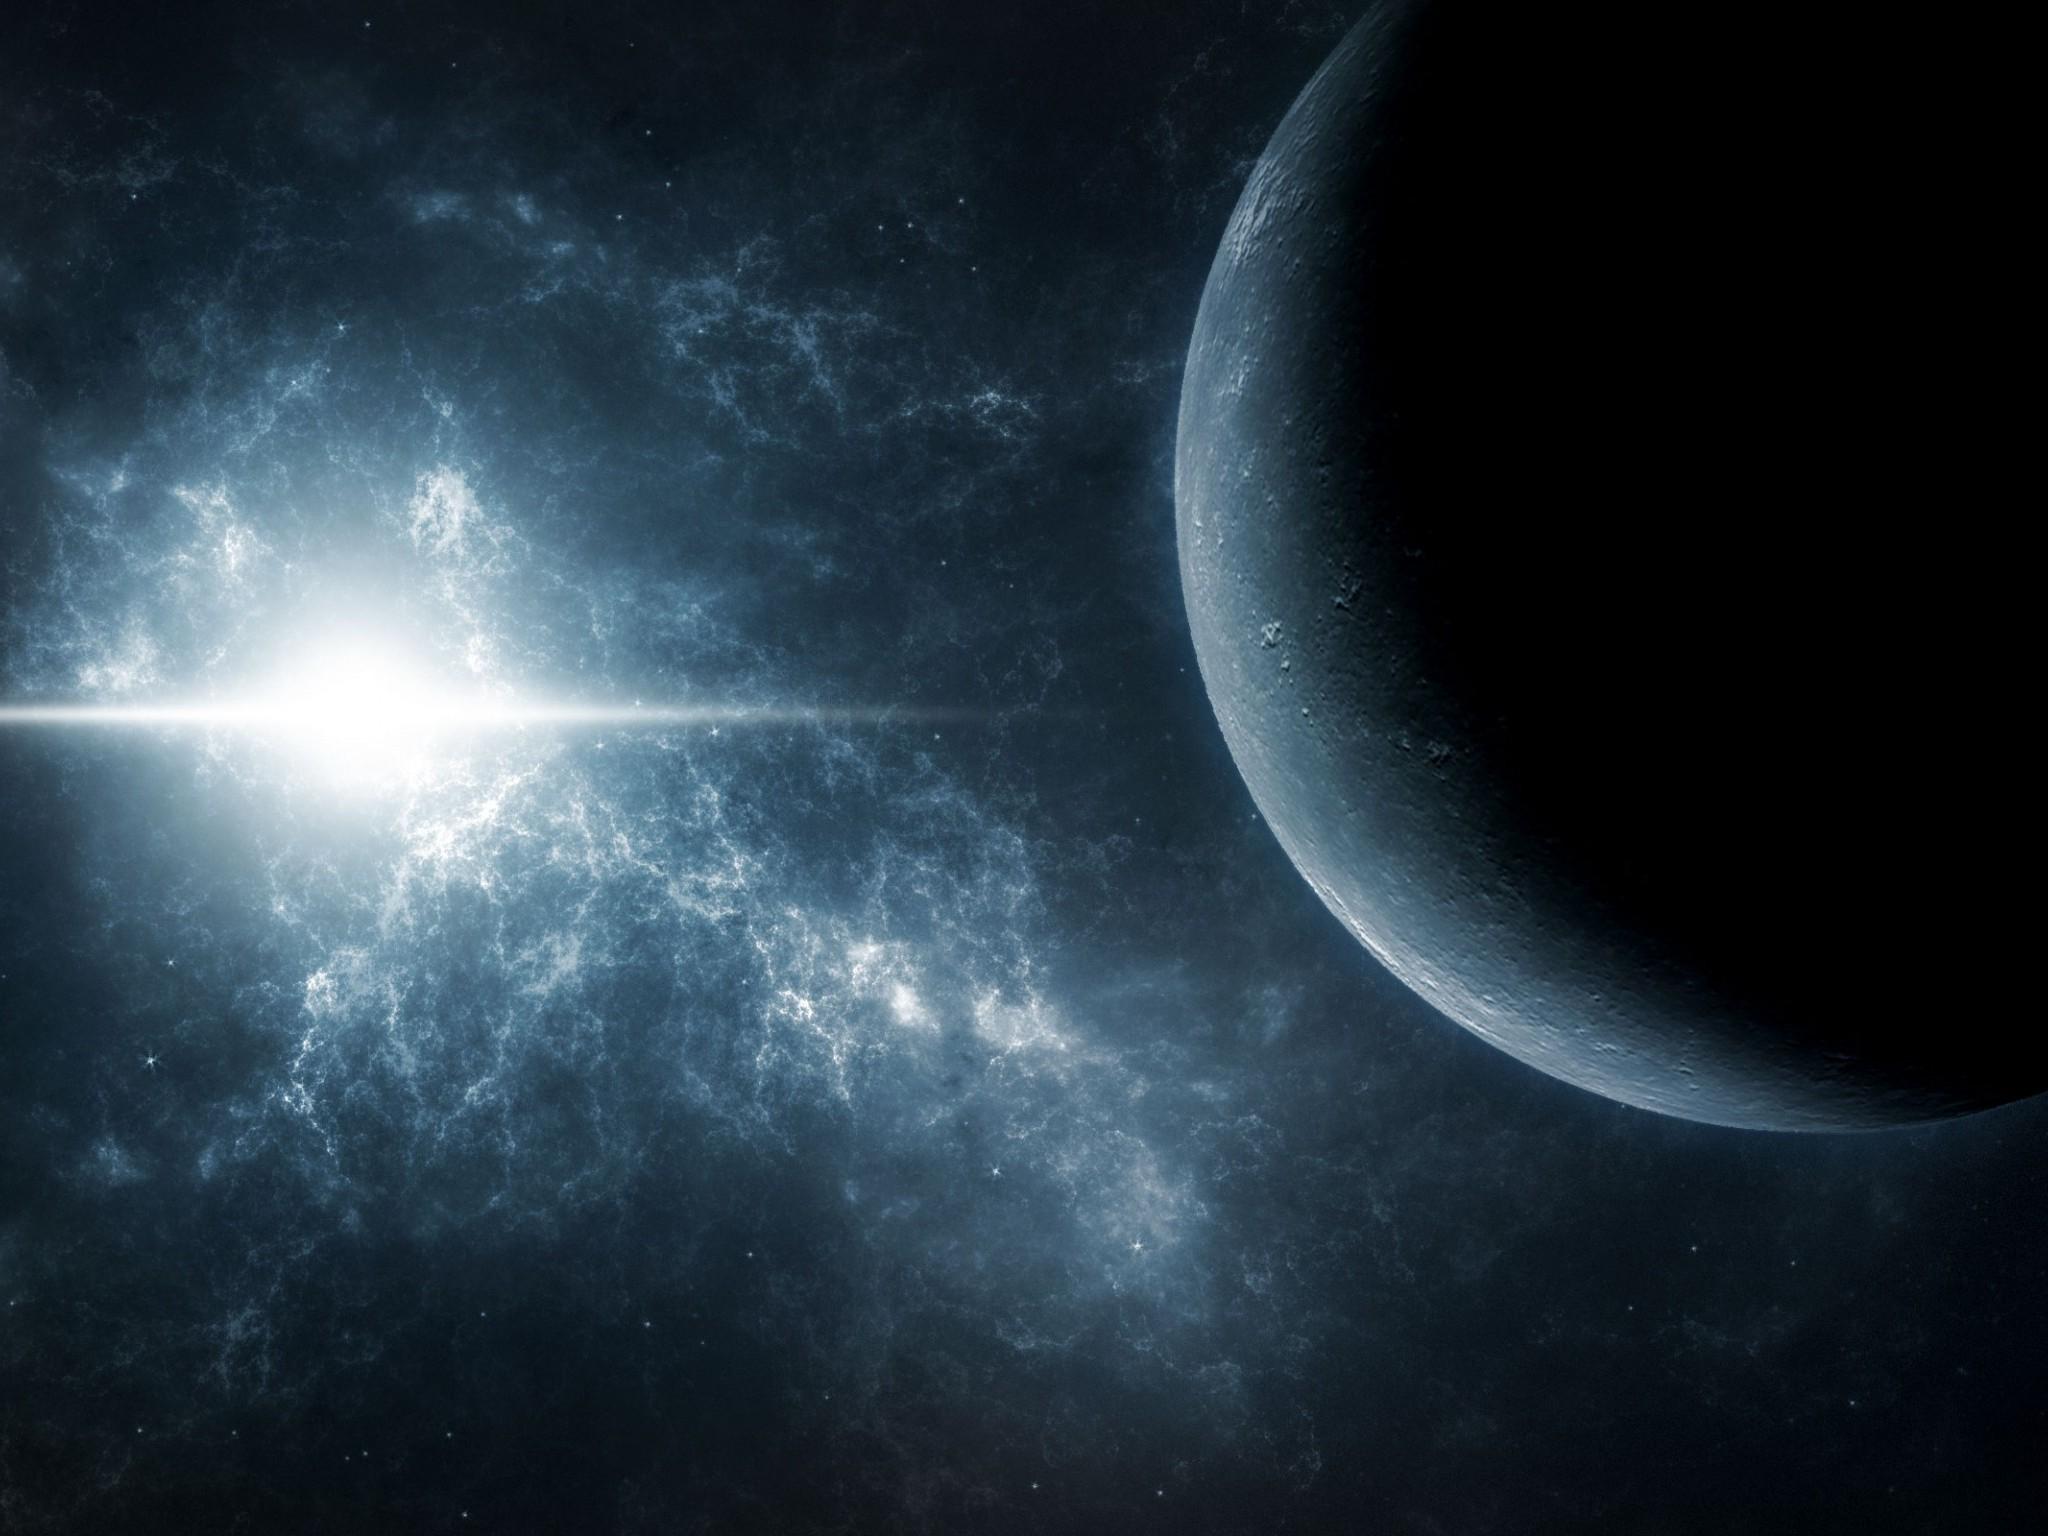 космос, планеты, яркая звезда, фото